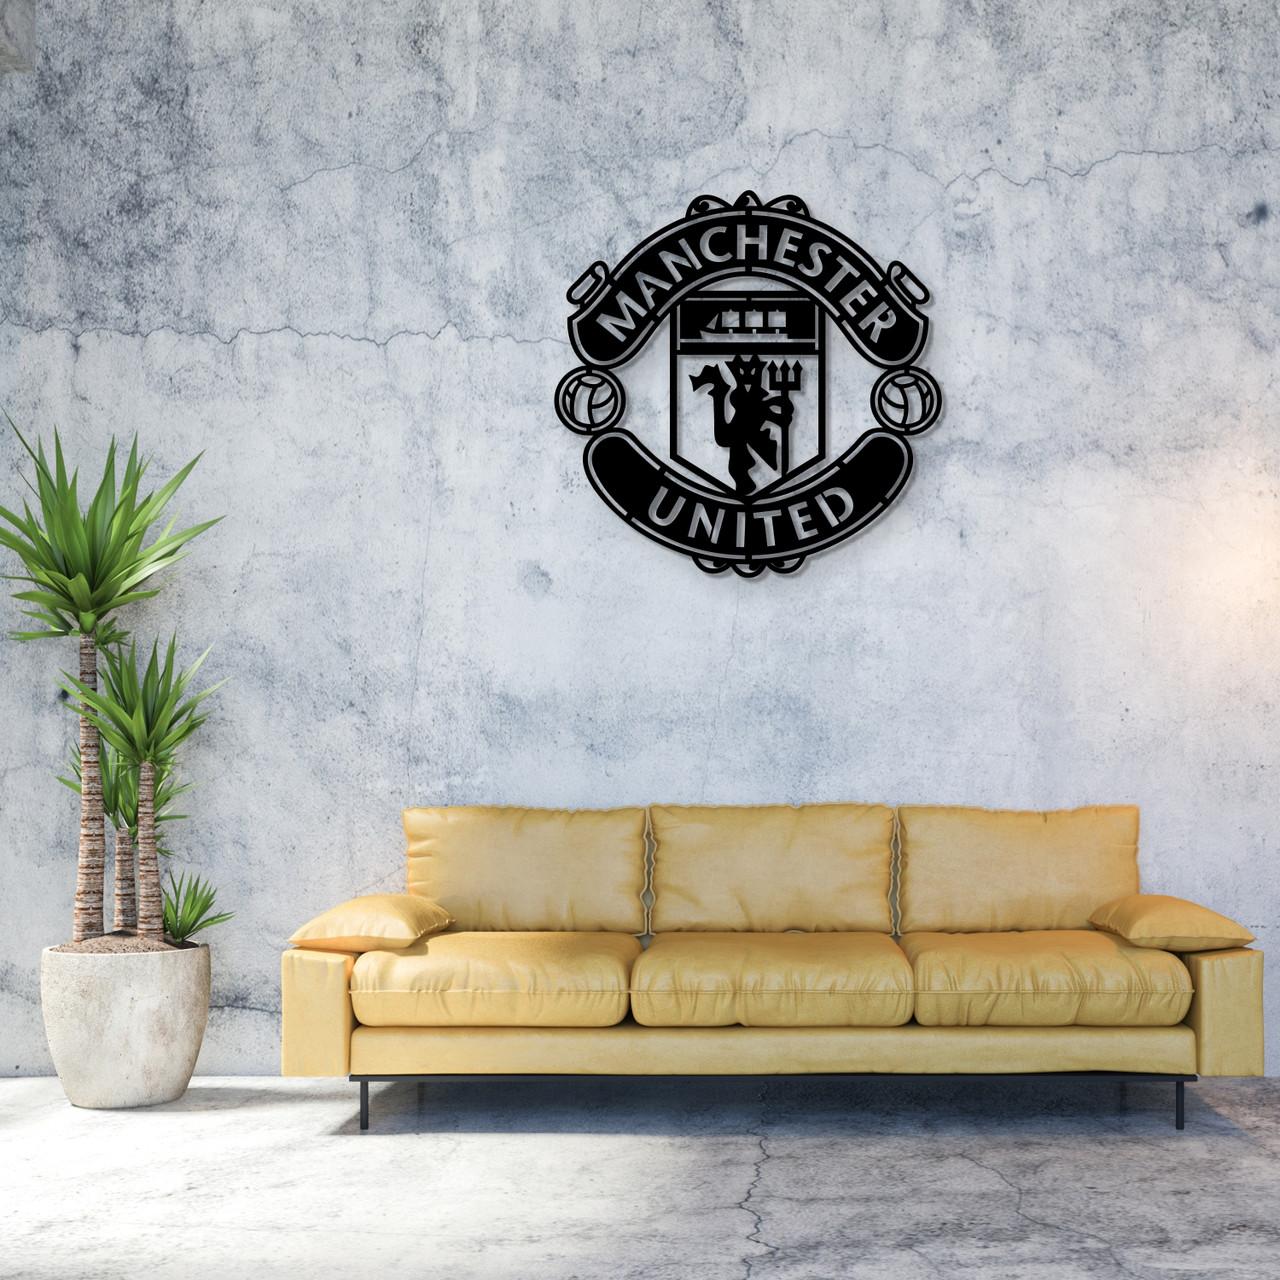 Настенная эмблема из дерева ФК «Манчестер Юнайтед»